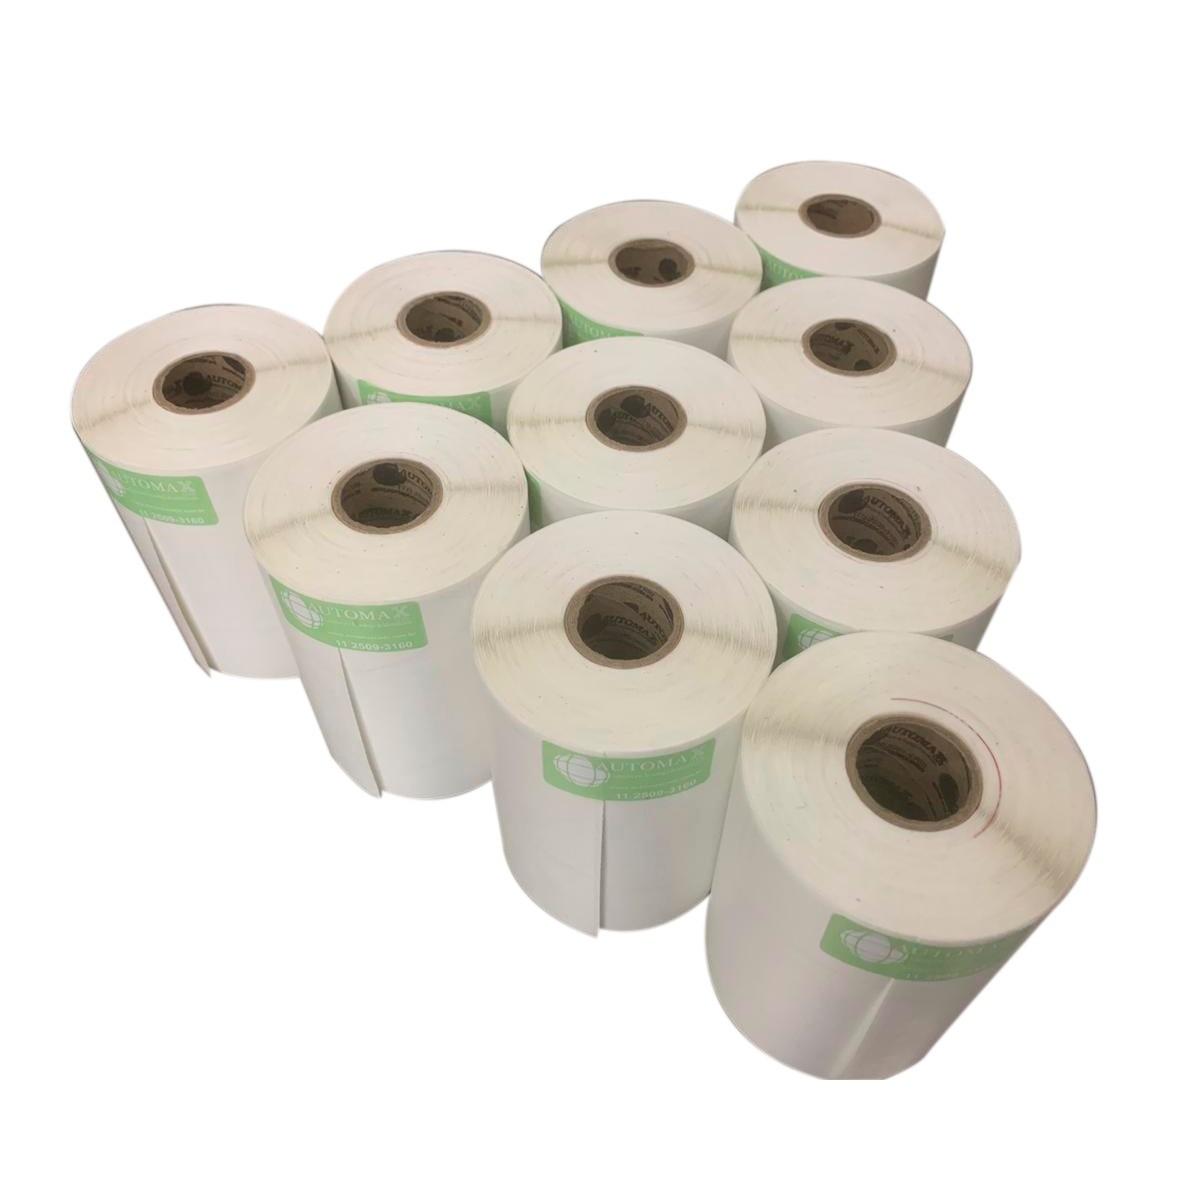 10 Rolos de Etiqueta BOPP 50x50 | 50mmX50mm 2 Colunas